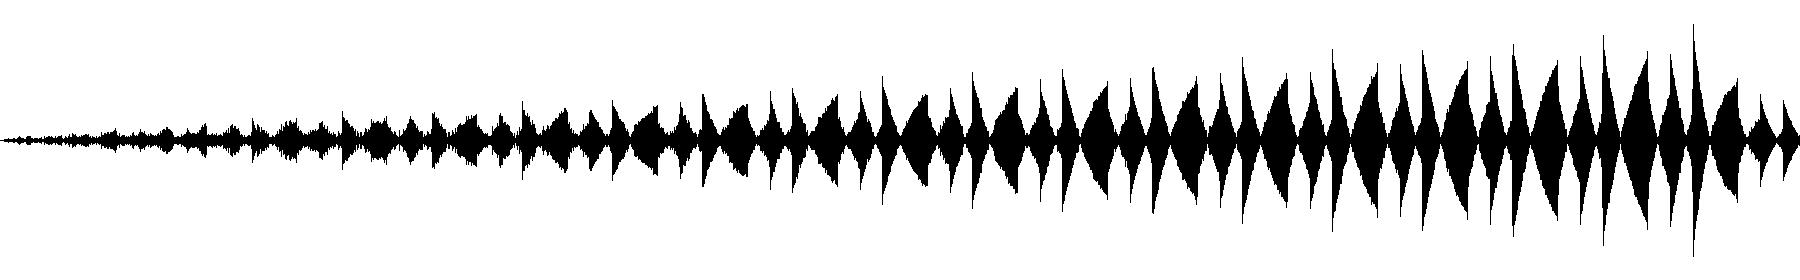 veh2 synths   055 c